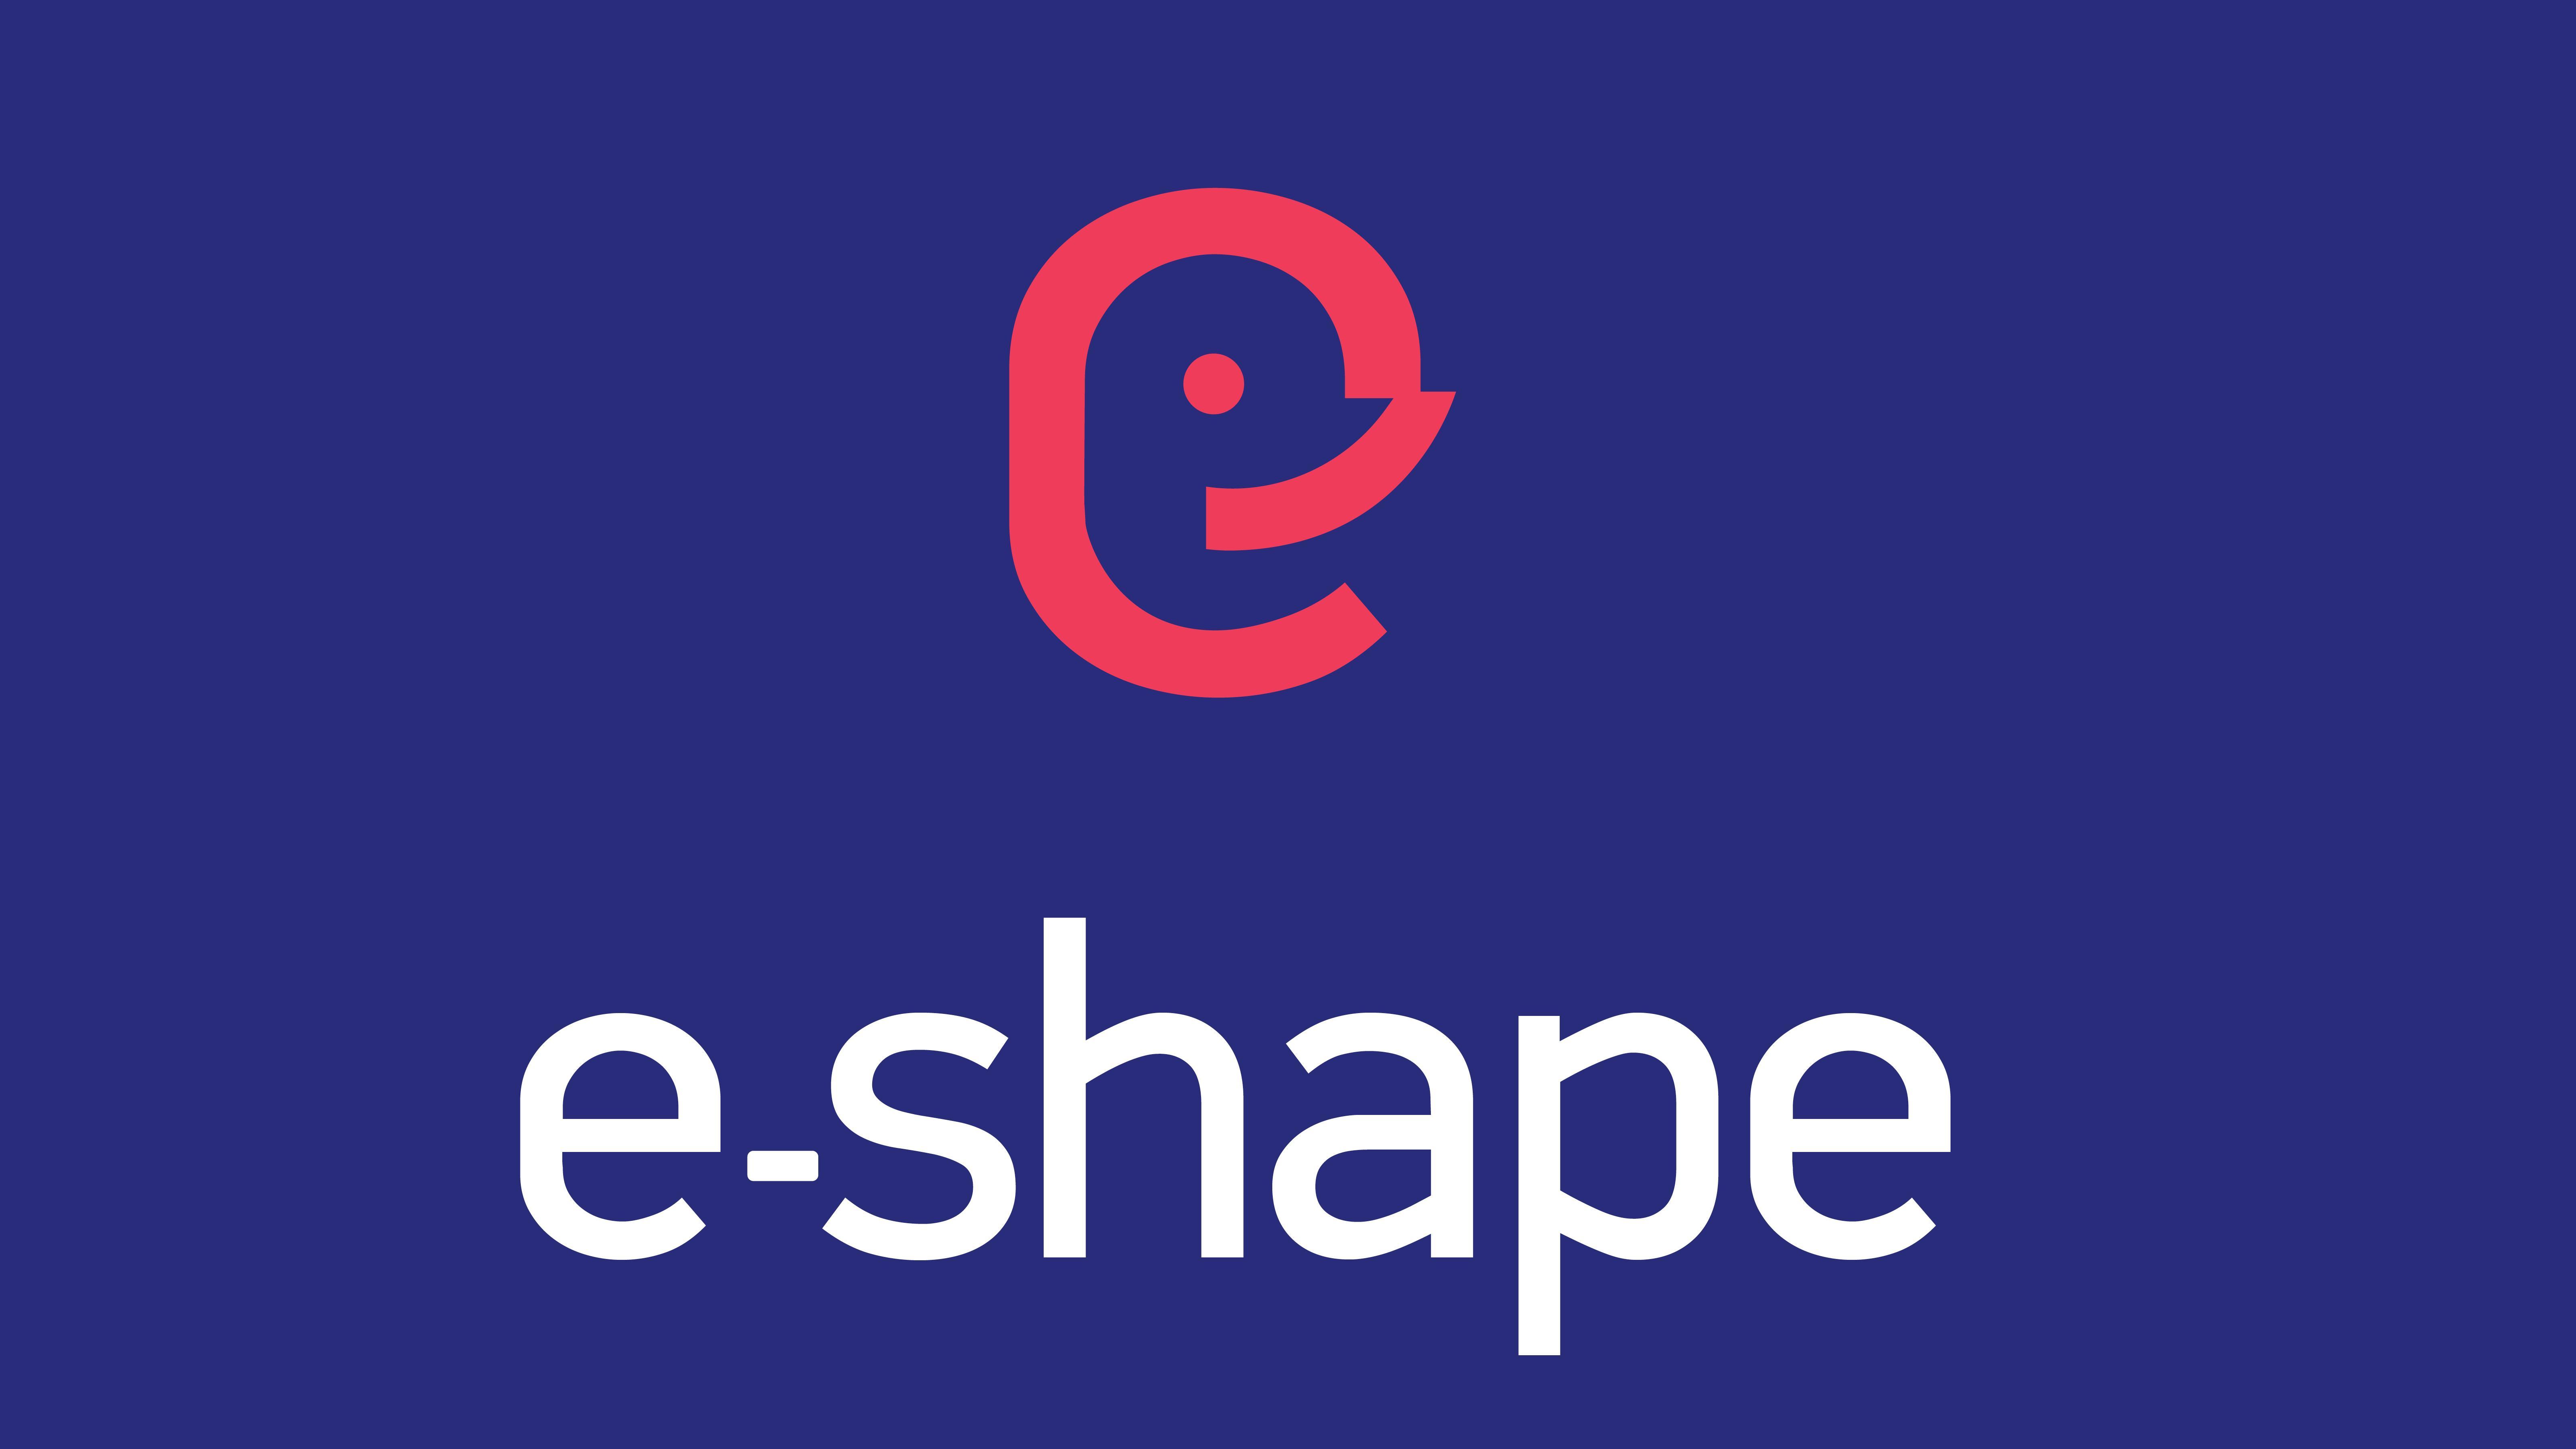 e-shape